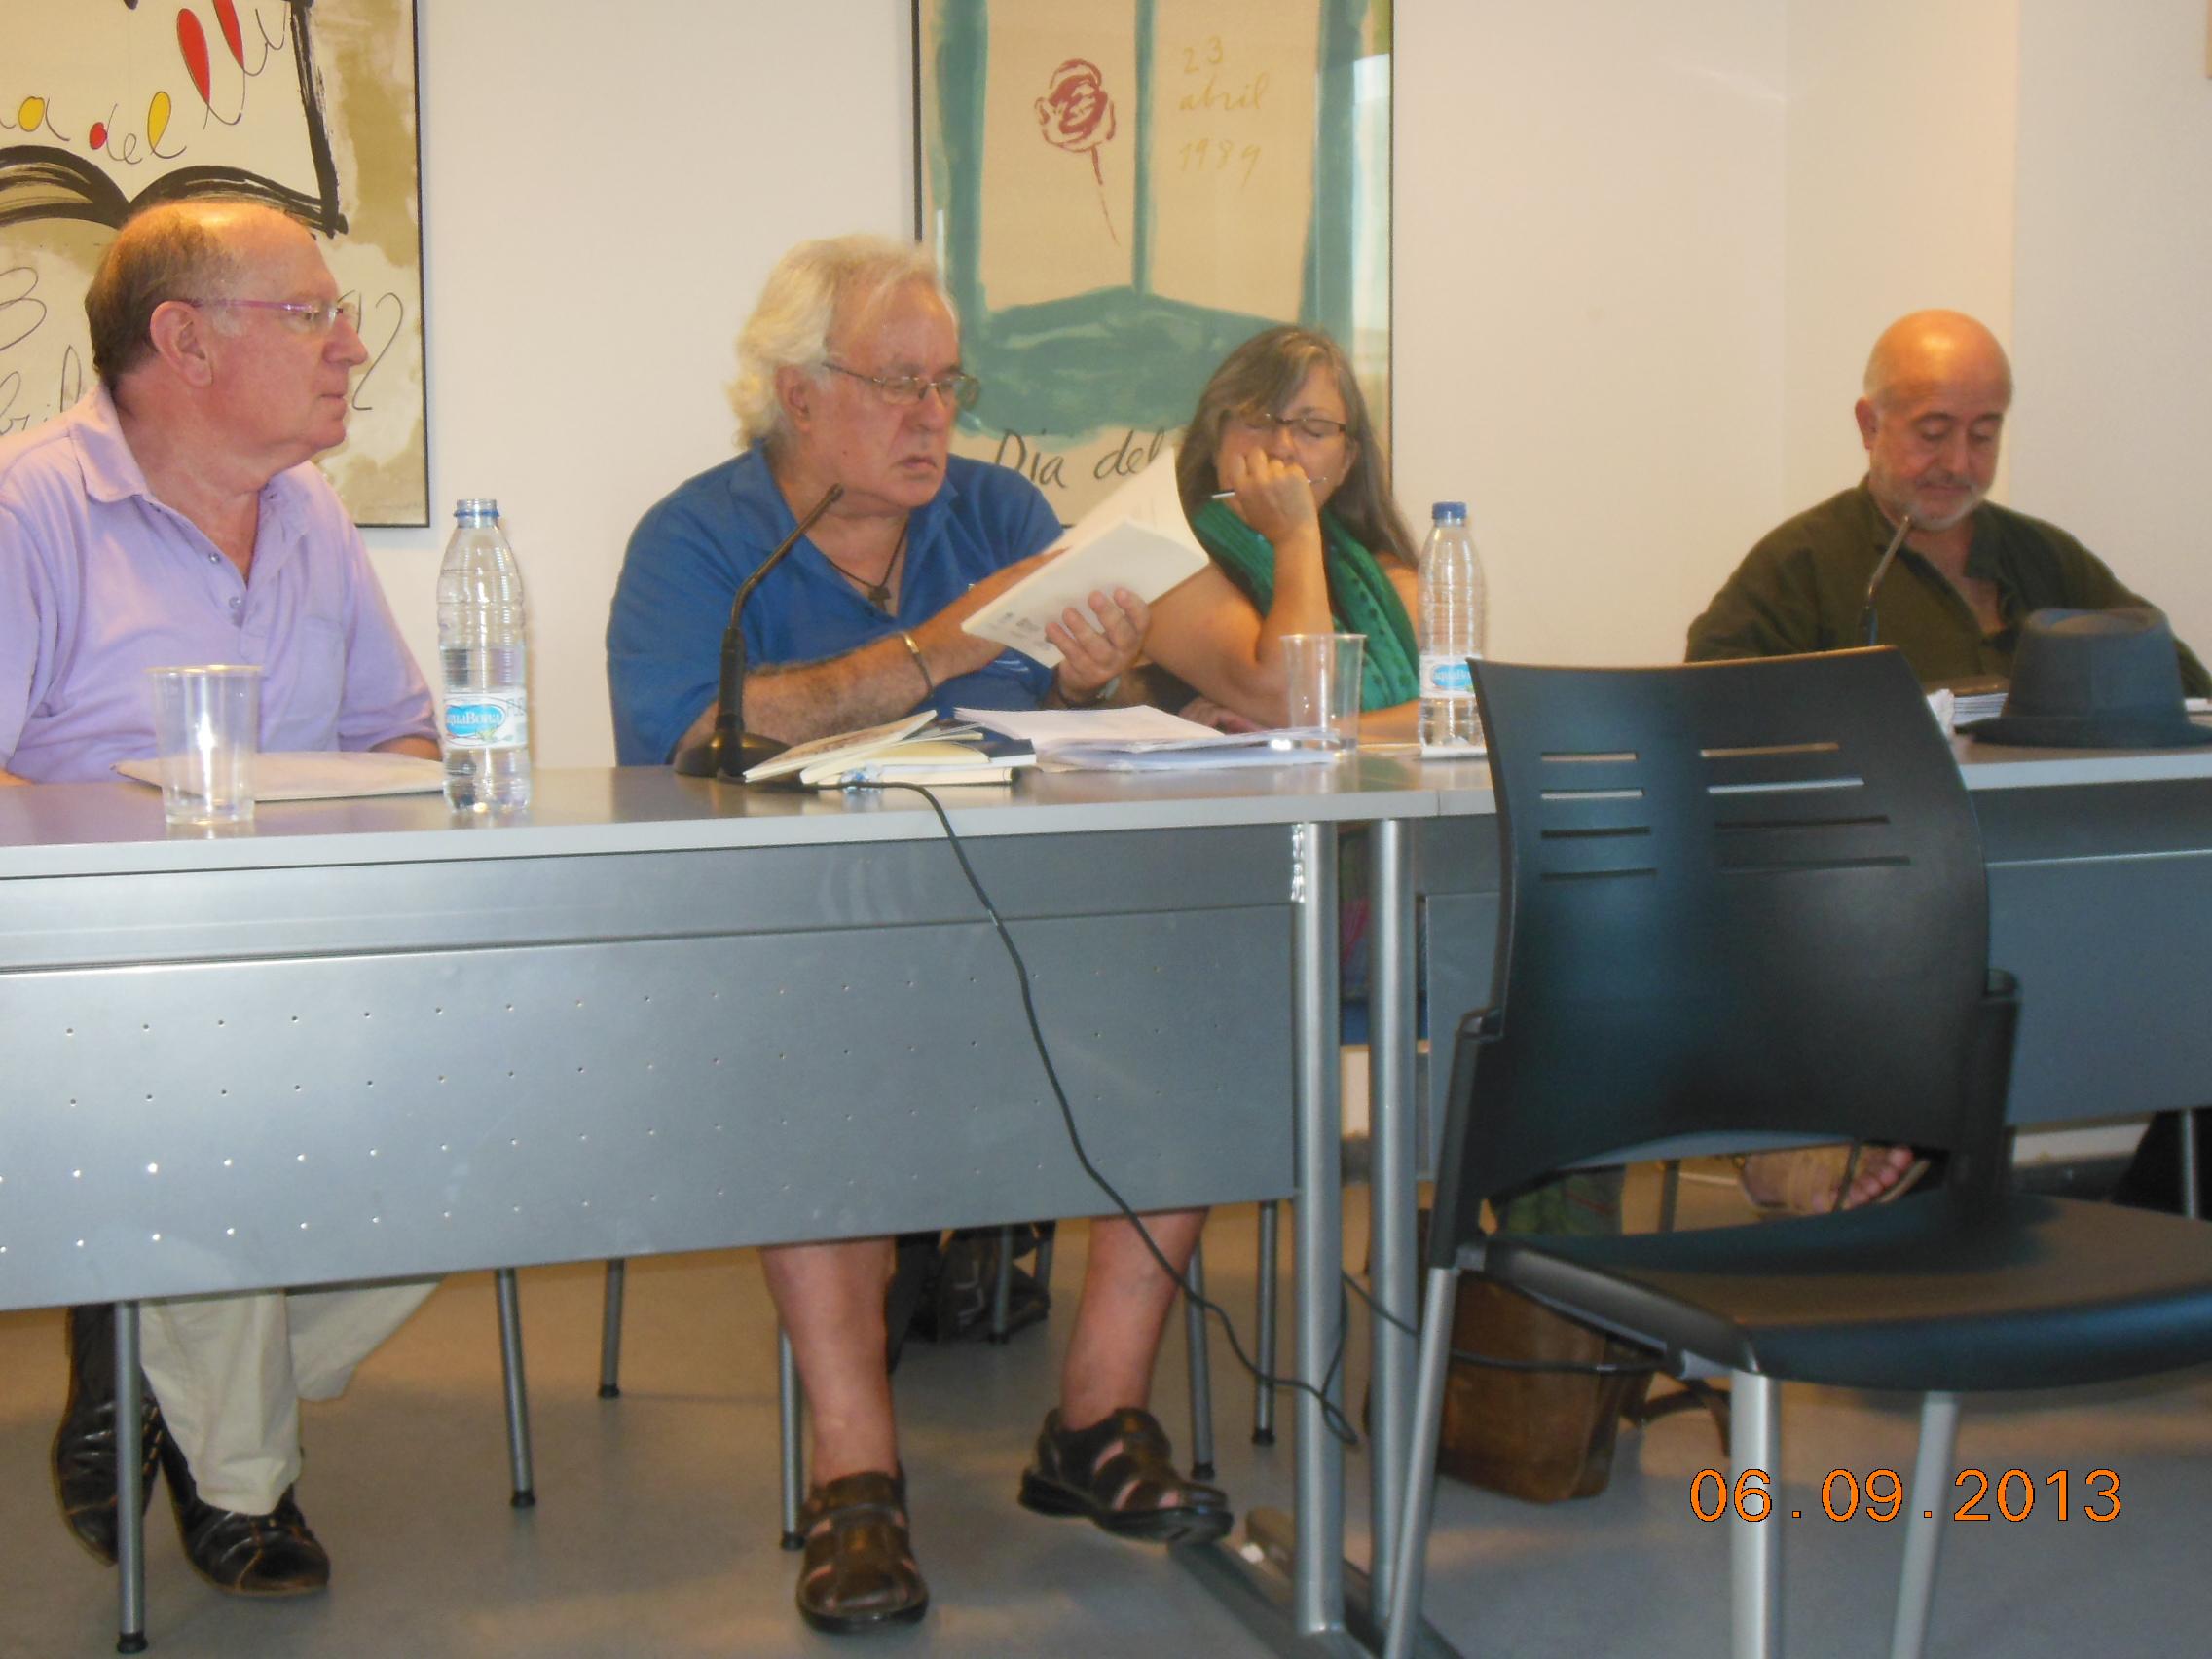 De izquierda a derecha: Felipe Sérvulo, Ignacio Bellido, Anna Rossell y Eudald Escala. Tertulia del Laberinto de Ariadna, Ateneo Barcelonés, 2013